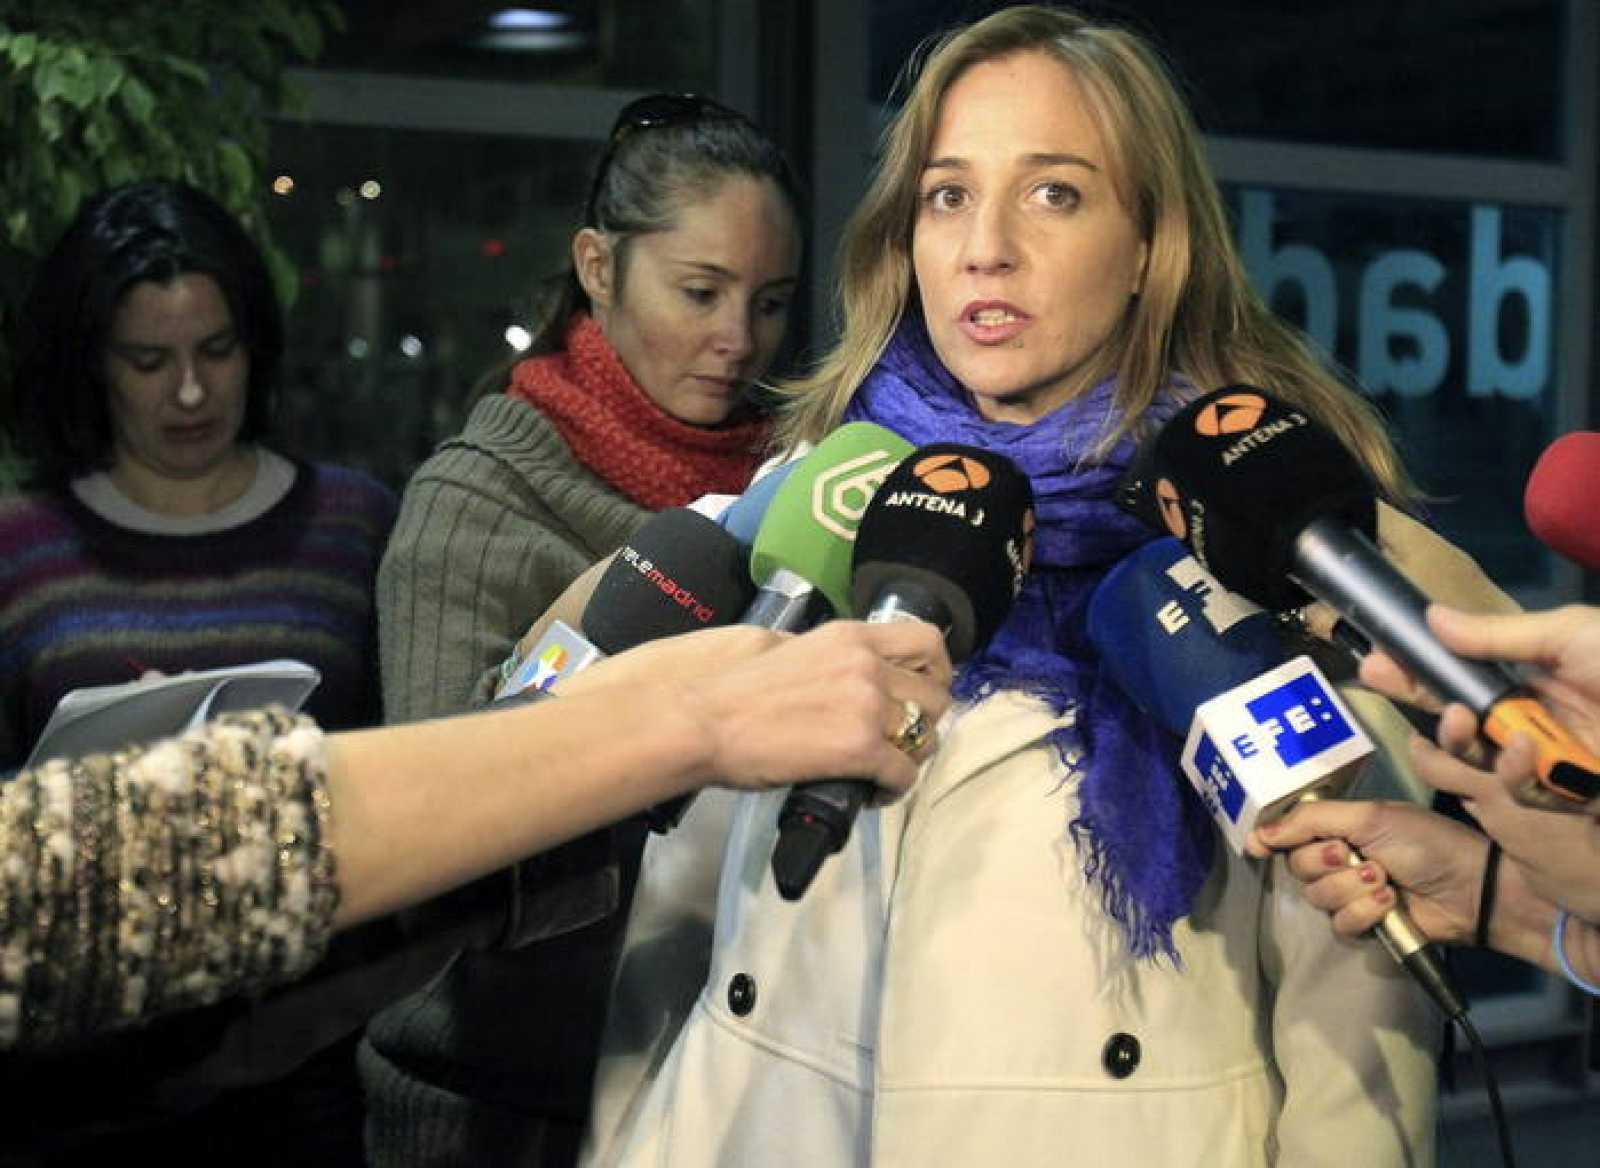 La diputada autonómica de IU Tania Sánchez, candidata de IU a la Comunidad de Madrid en las elecciones de mayo, atiende a los medios.